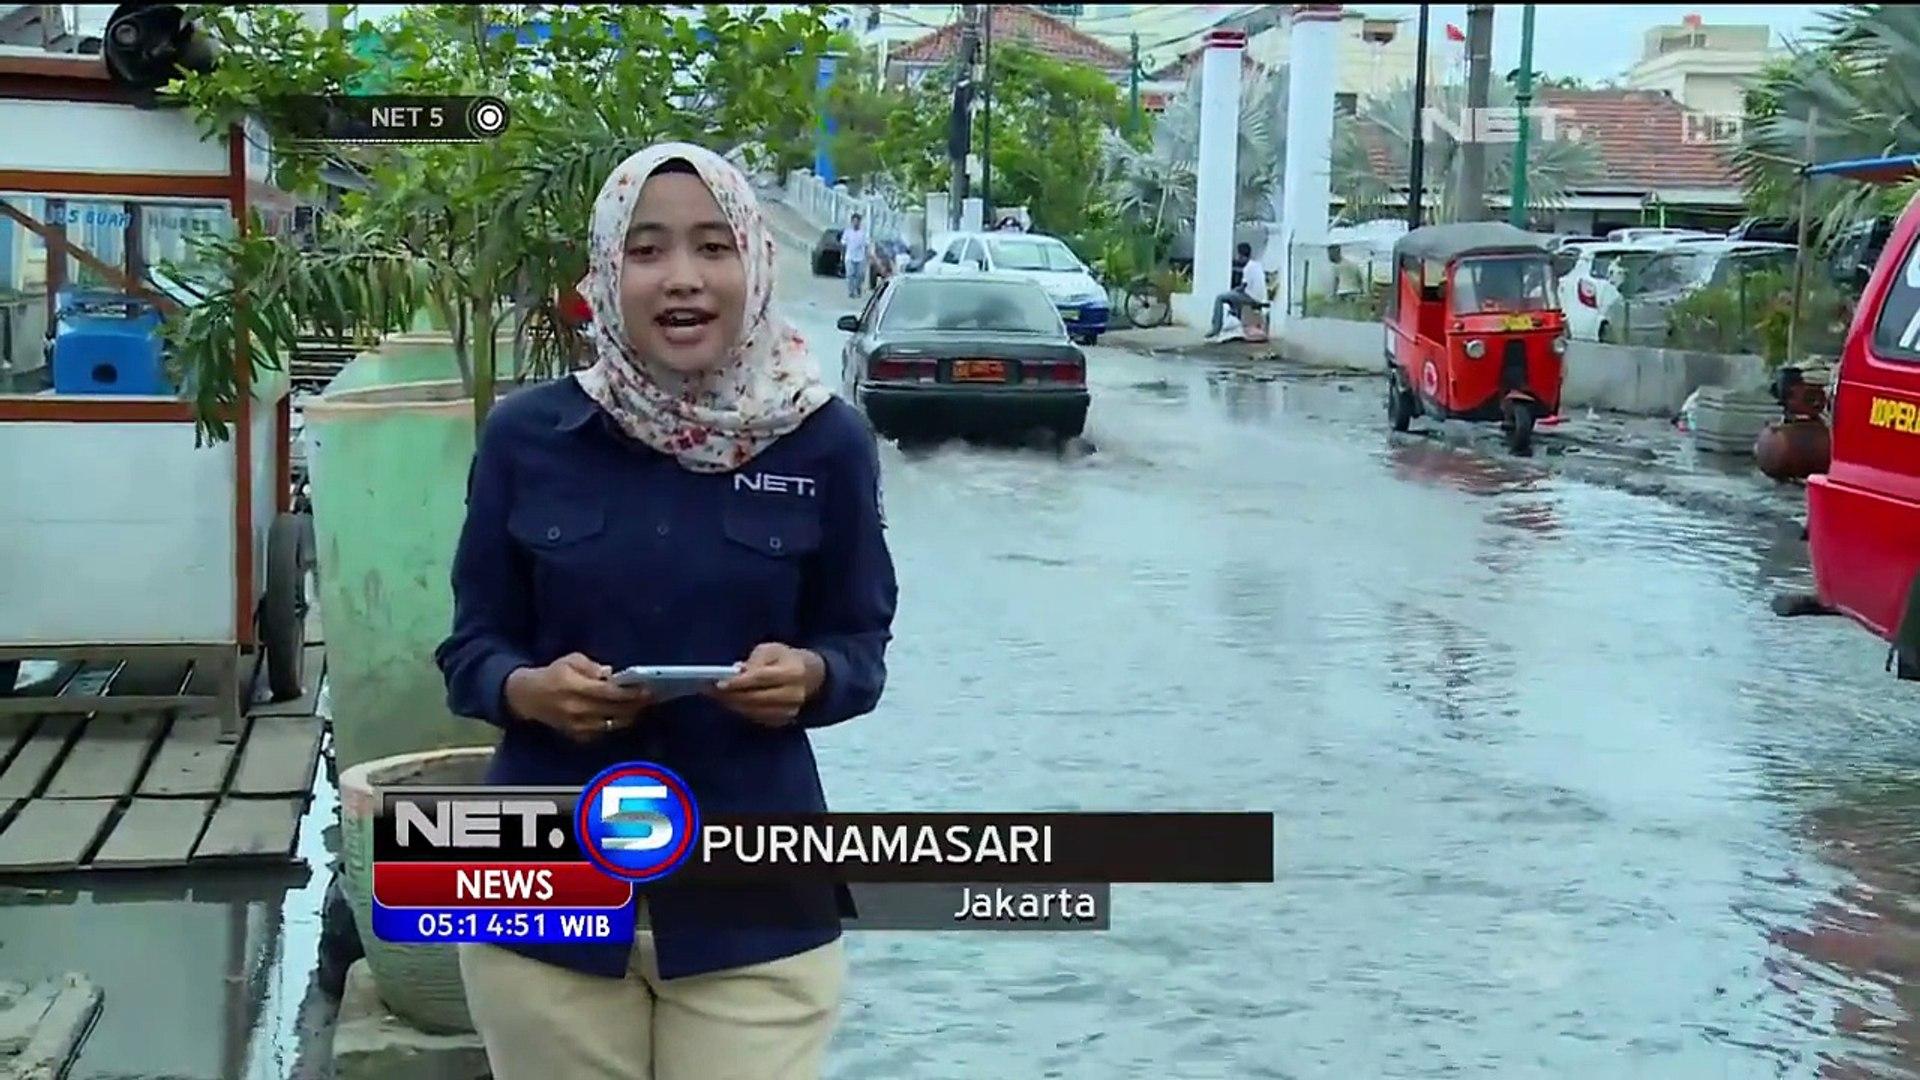 Agenda Khas NET5 - Media Sosial, Jurus Jitu Baru Atasi Banjir di Jakarta